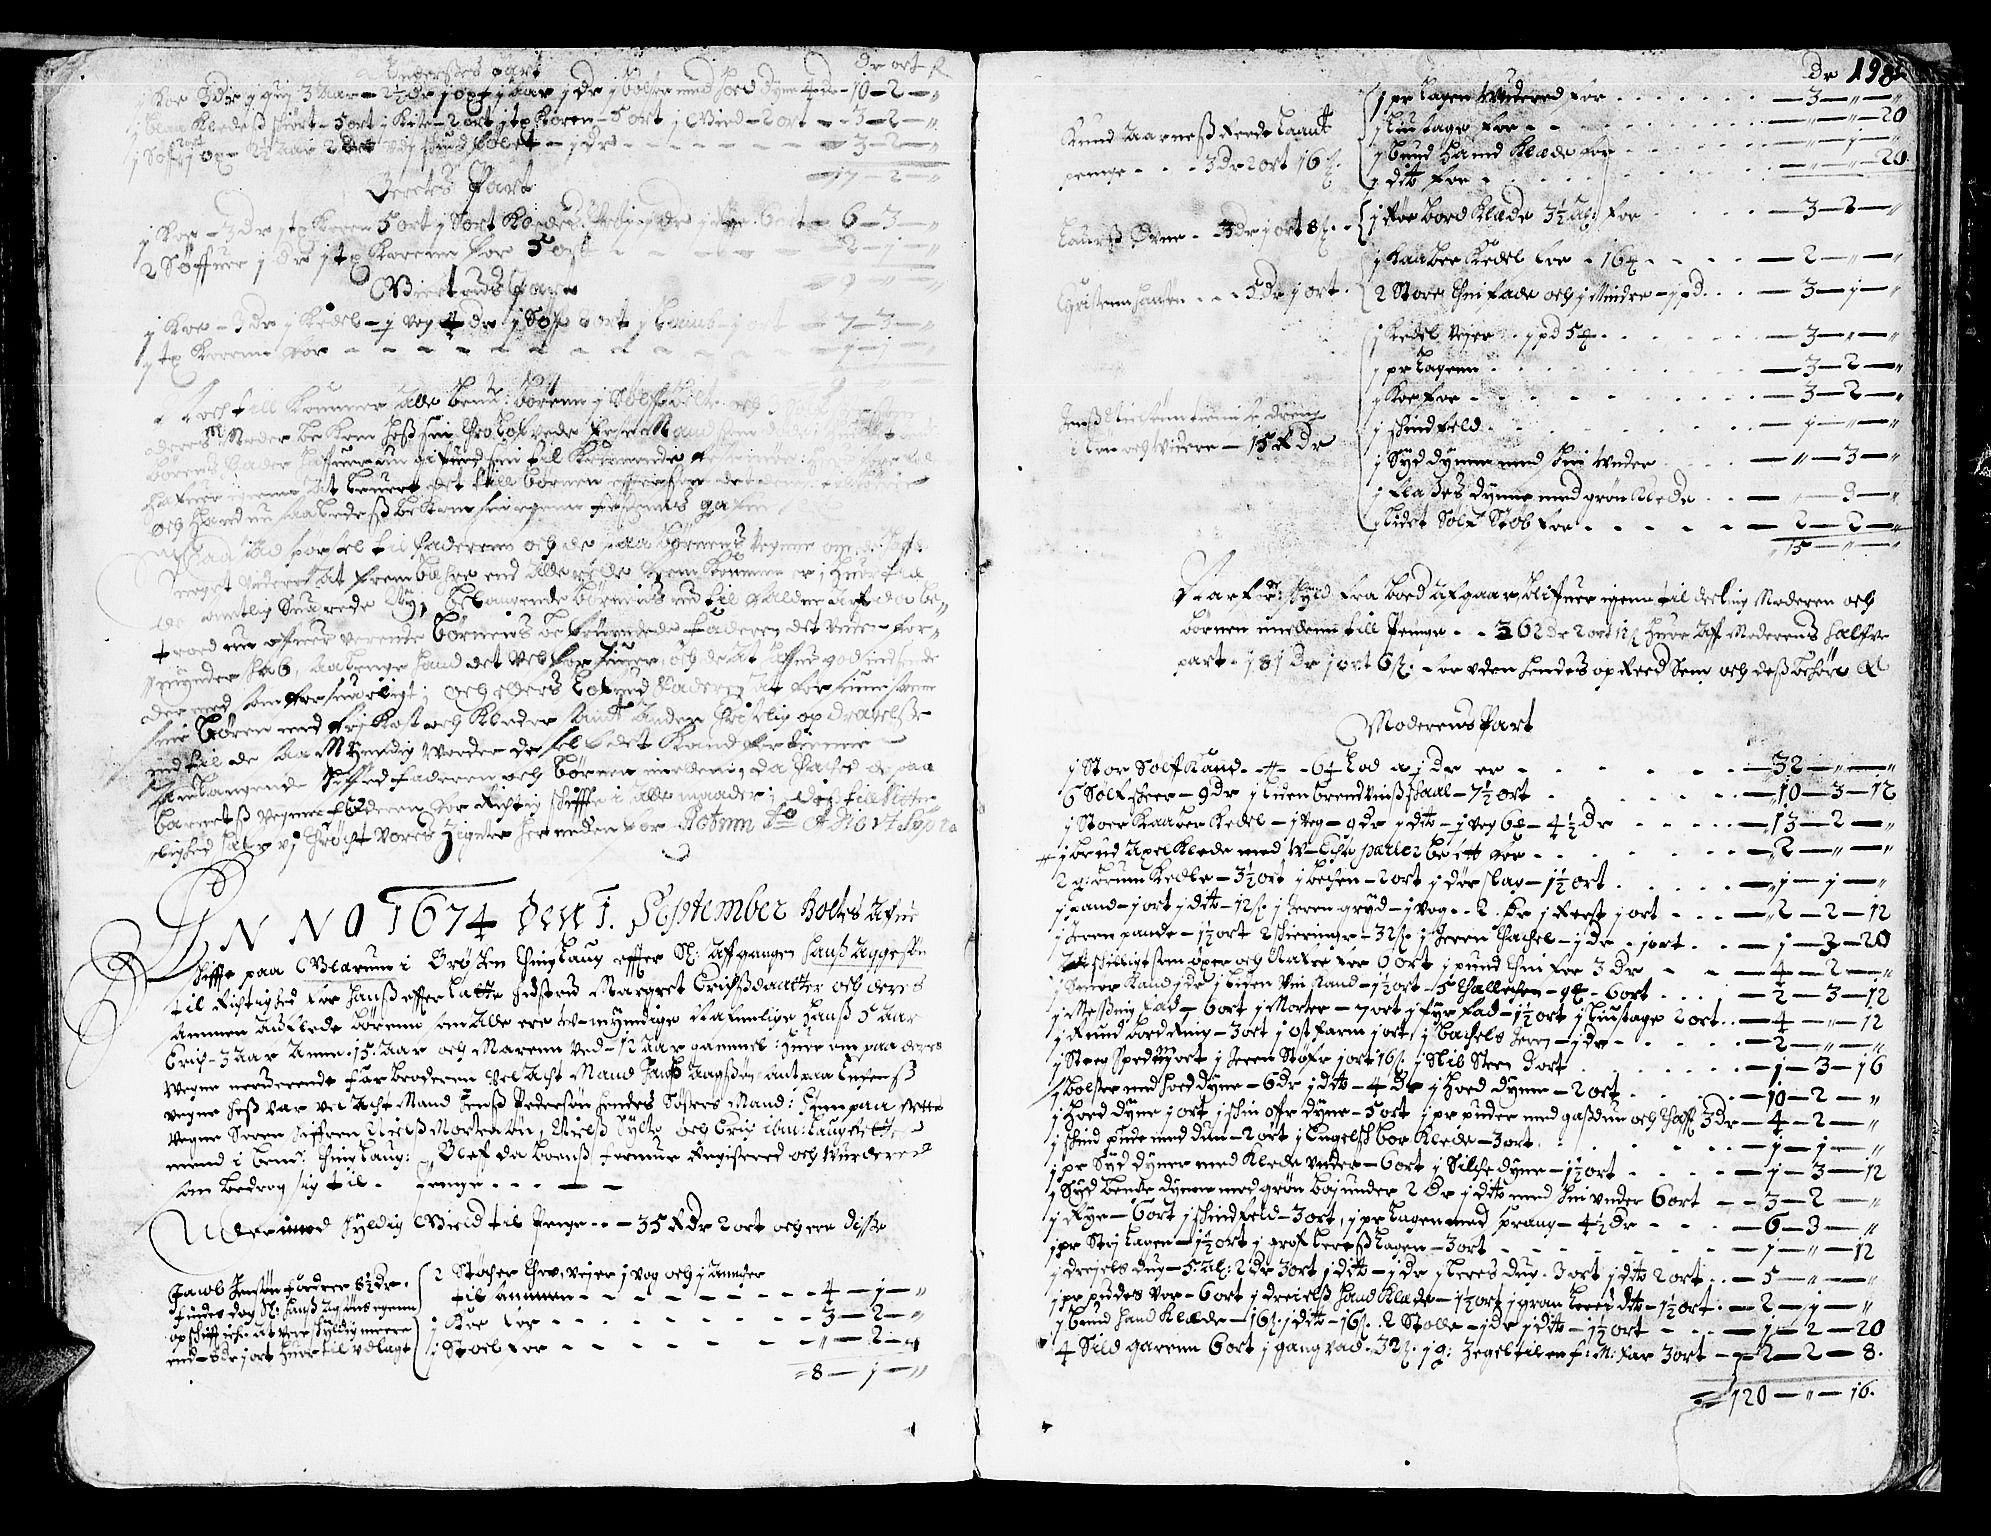 SAT, Nordmøre sorenskriveri, 3/3A/L0001: Skifteprotokoll nr. 1, 1668-1676, s. 198